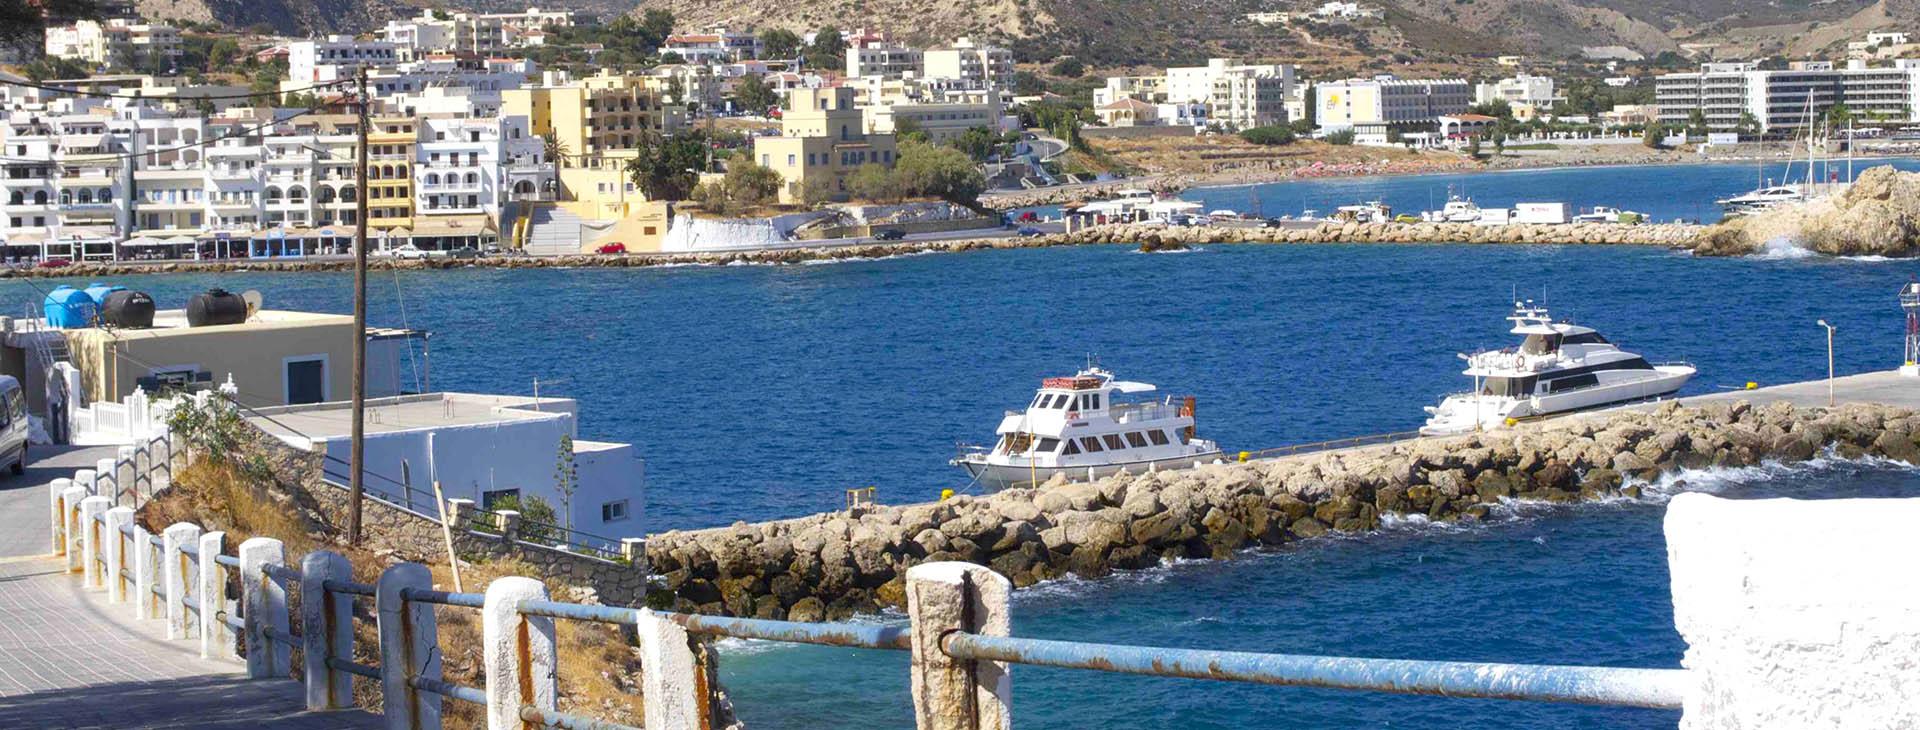 Pigadia, Karpathos island